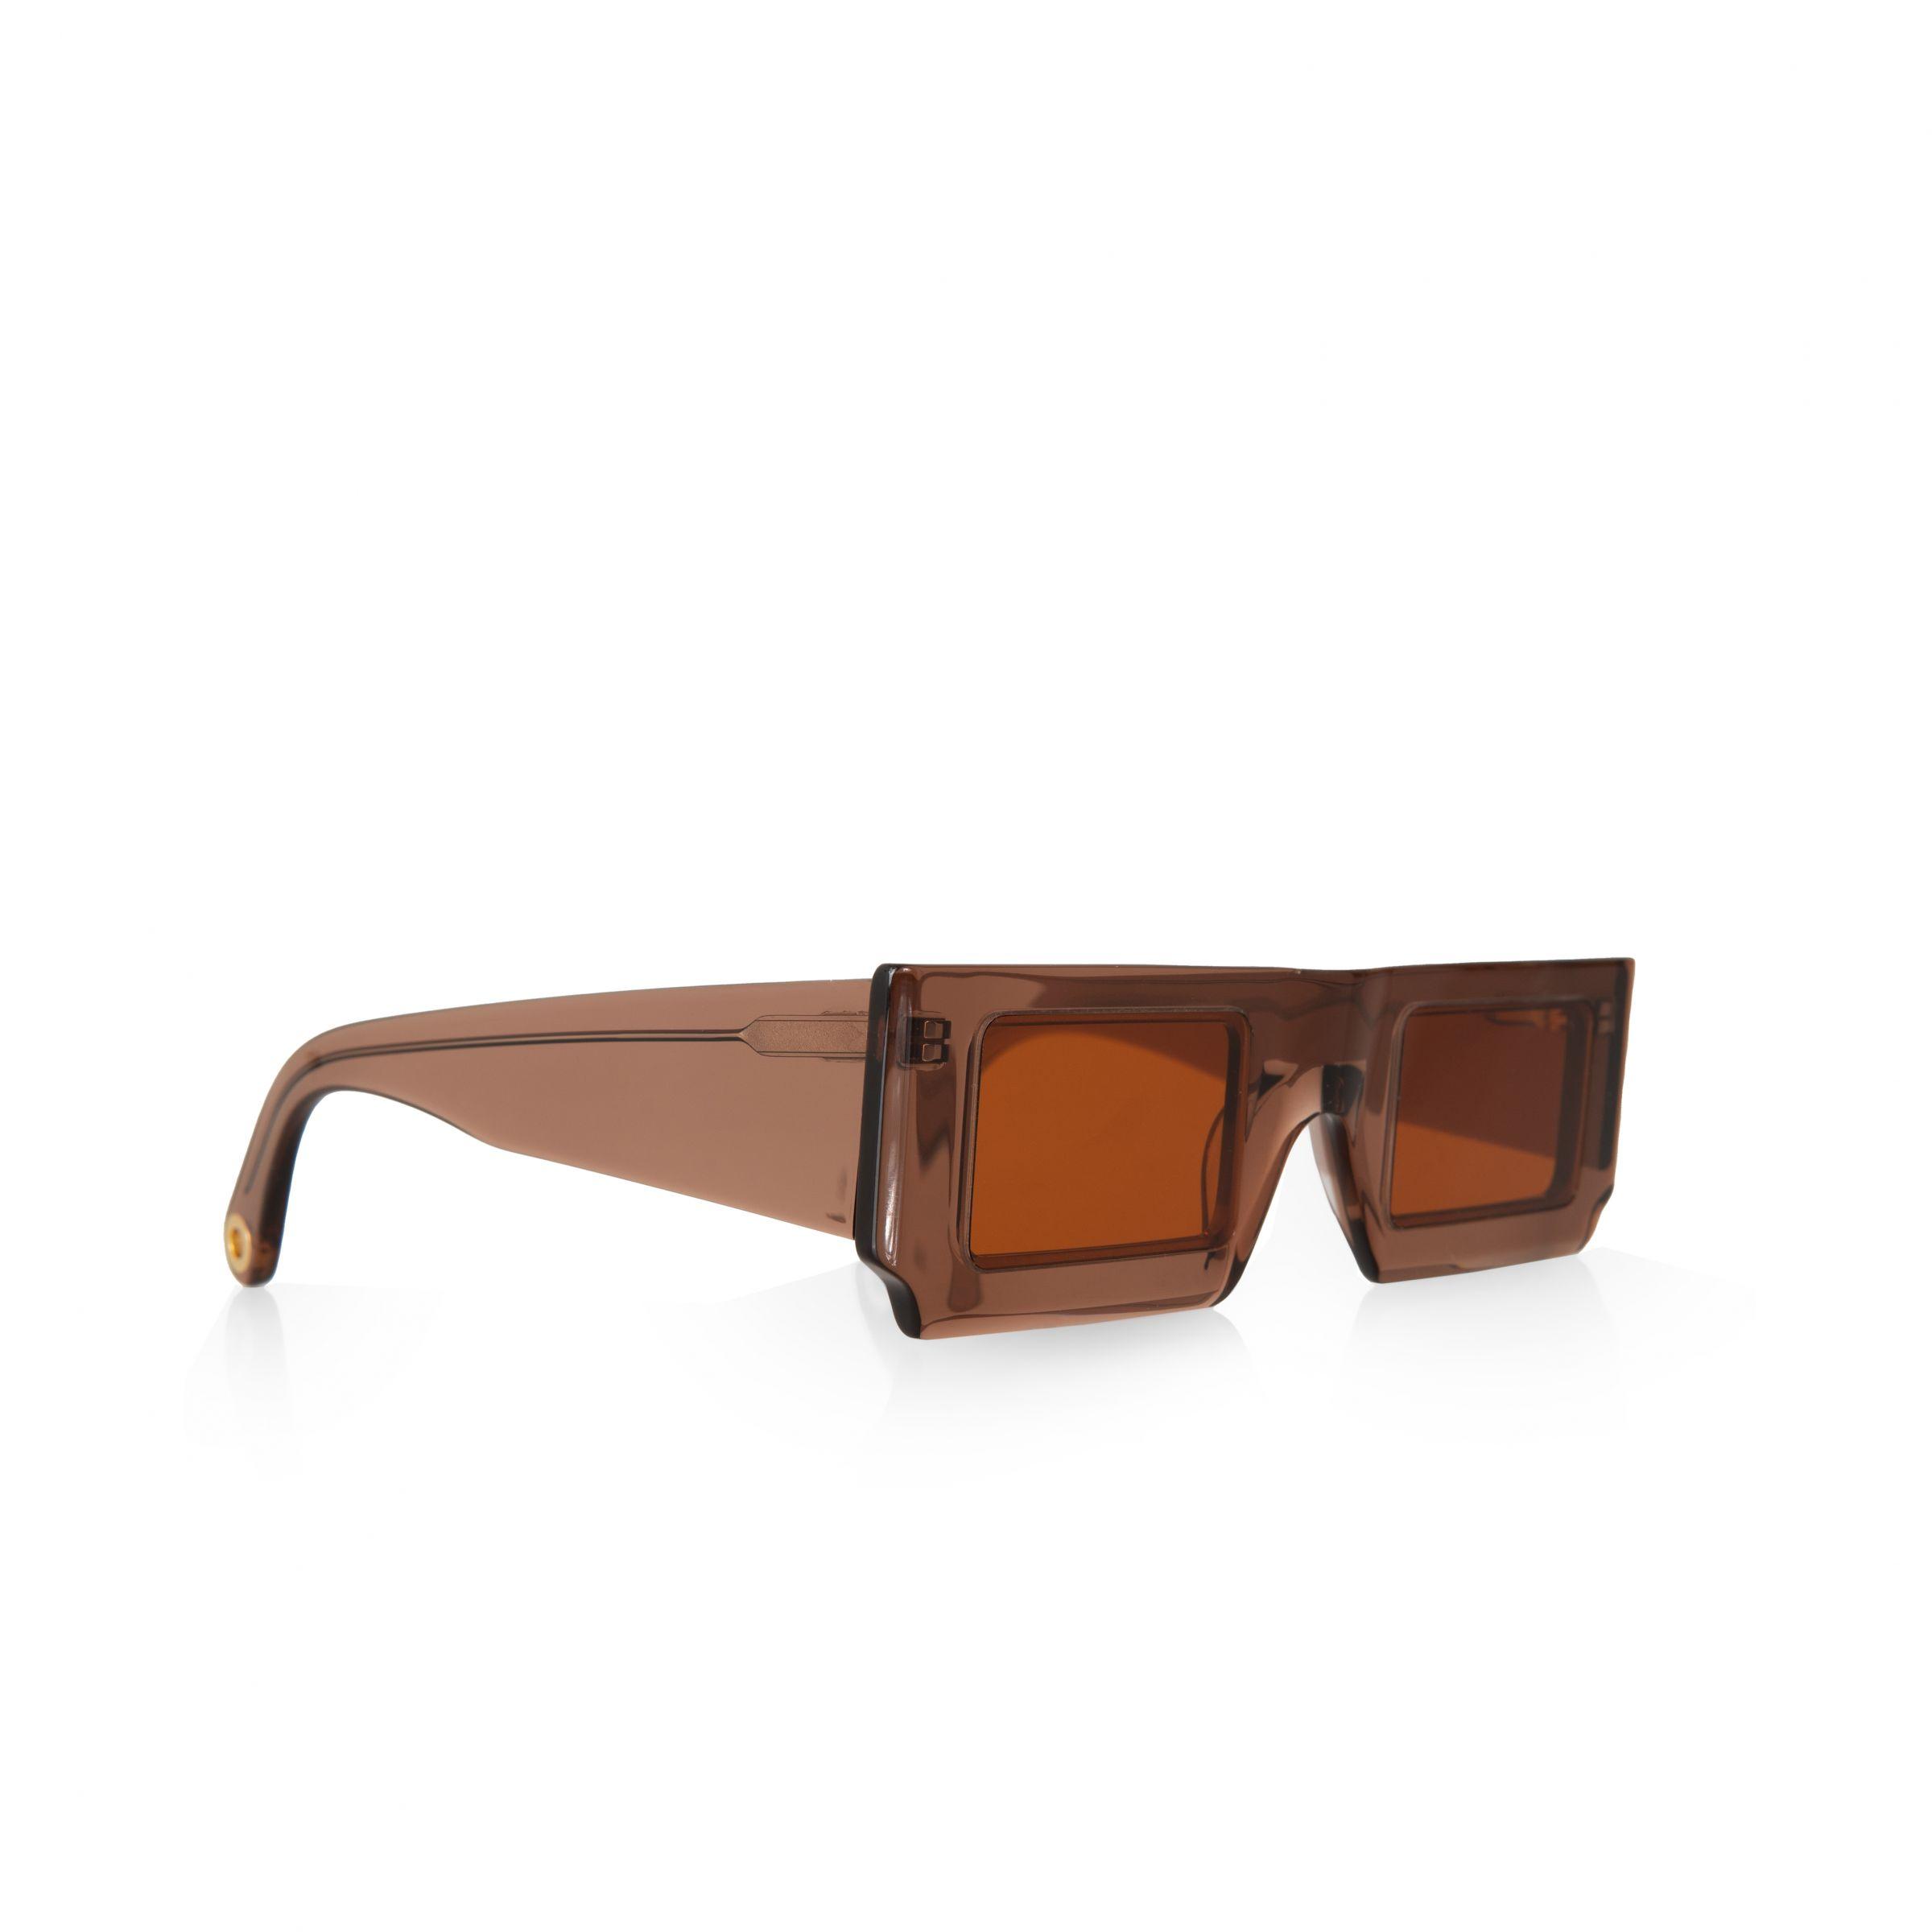 Очки Jacquemus Les lunettes Soleil коричневые